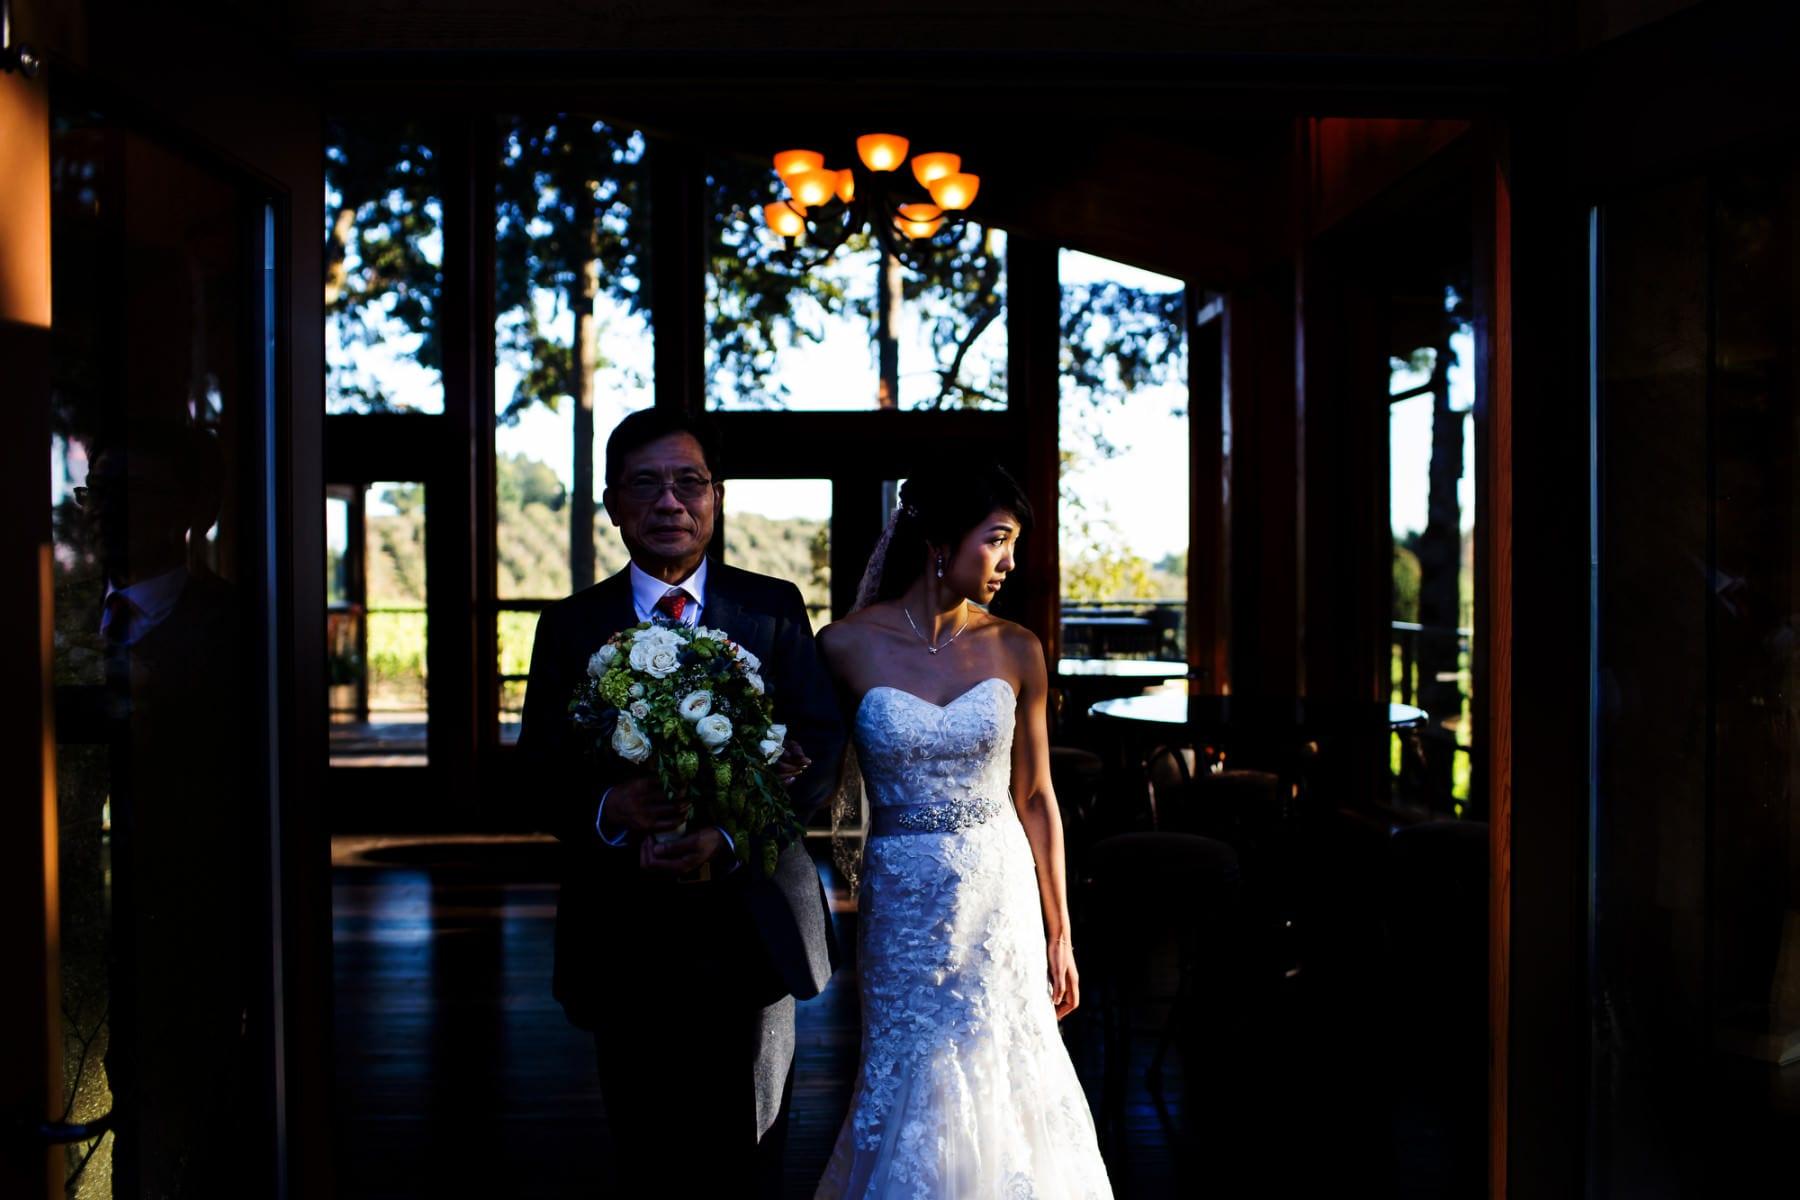 Vista Hills Vineyard Wedding (18)